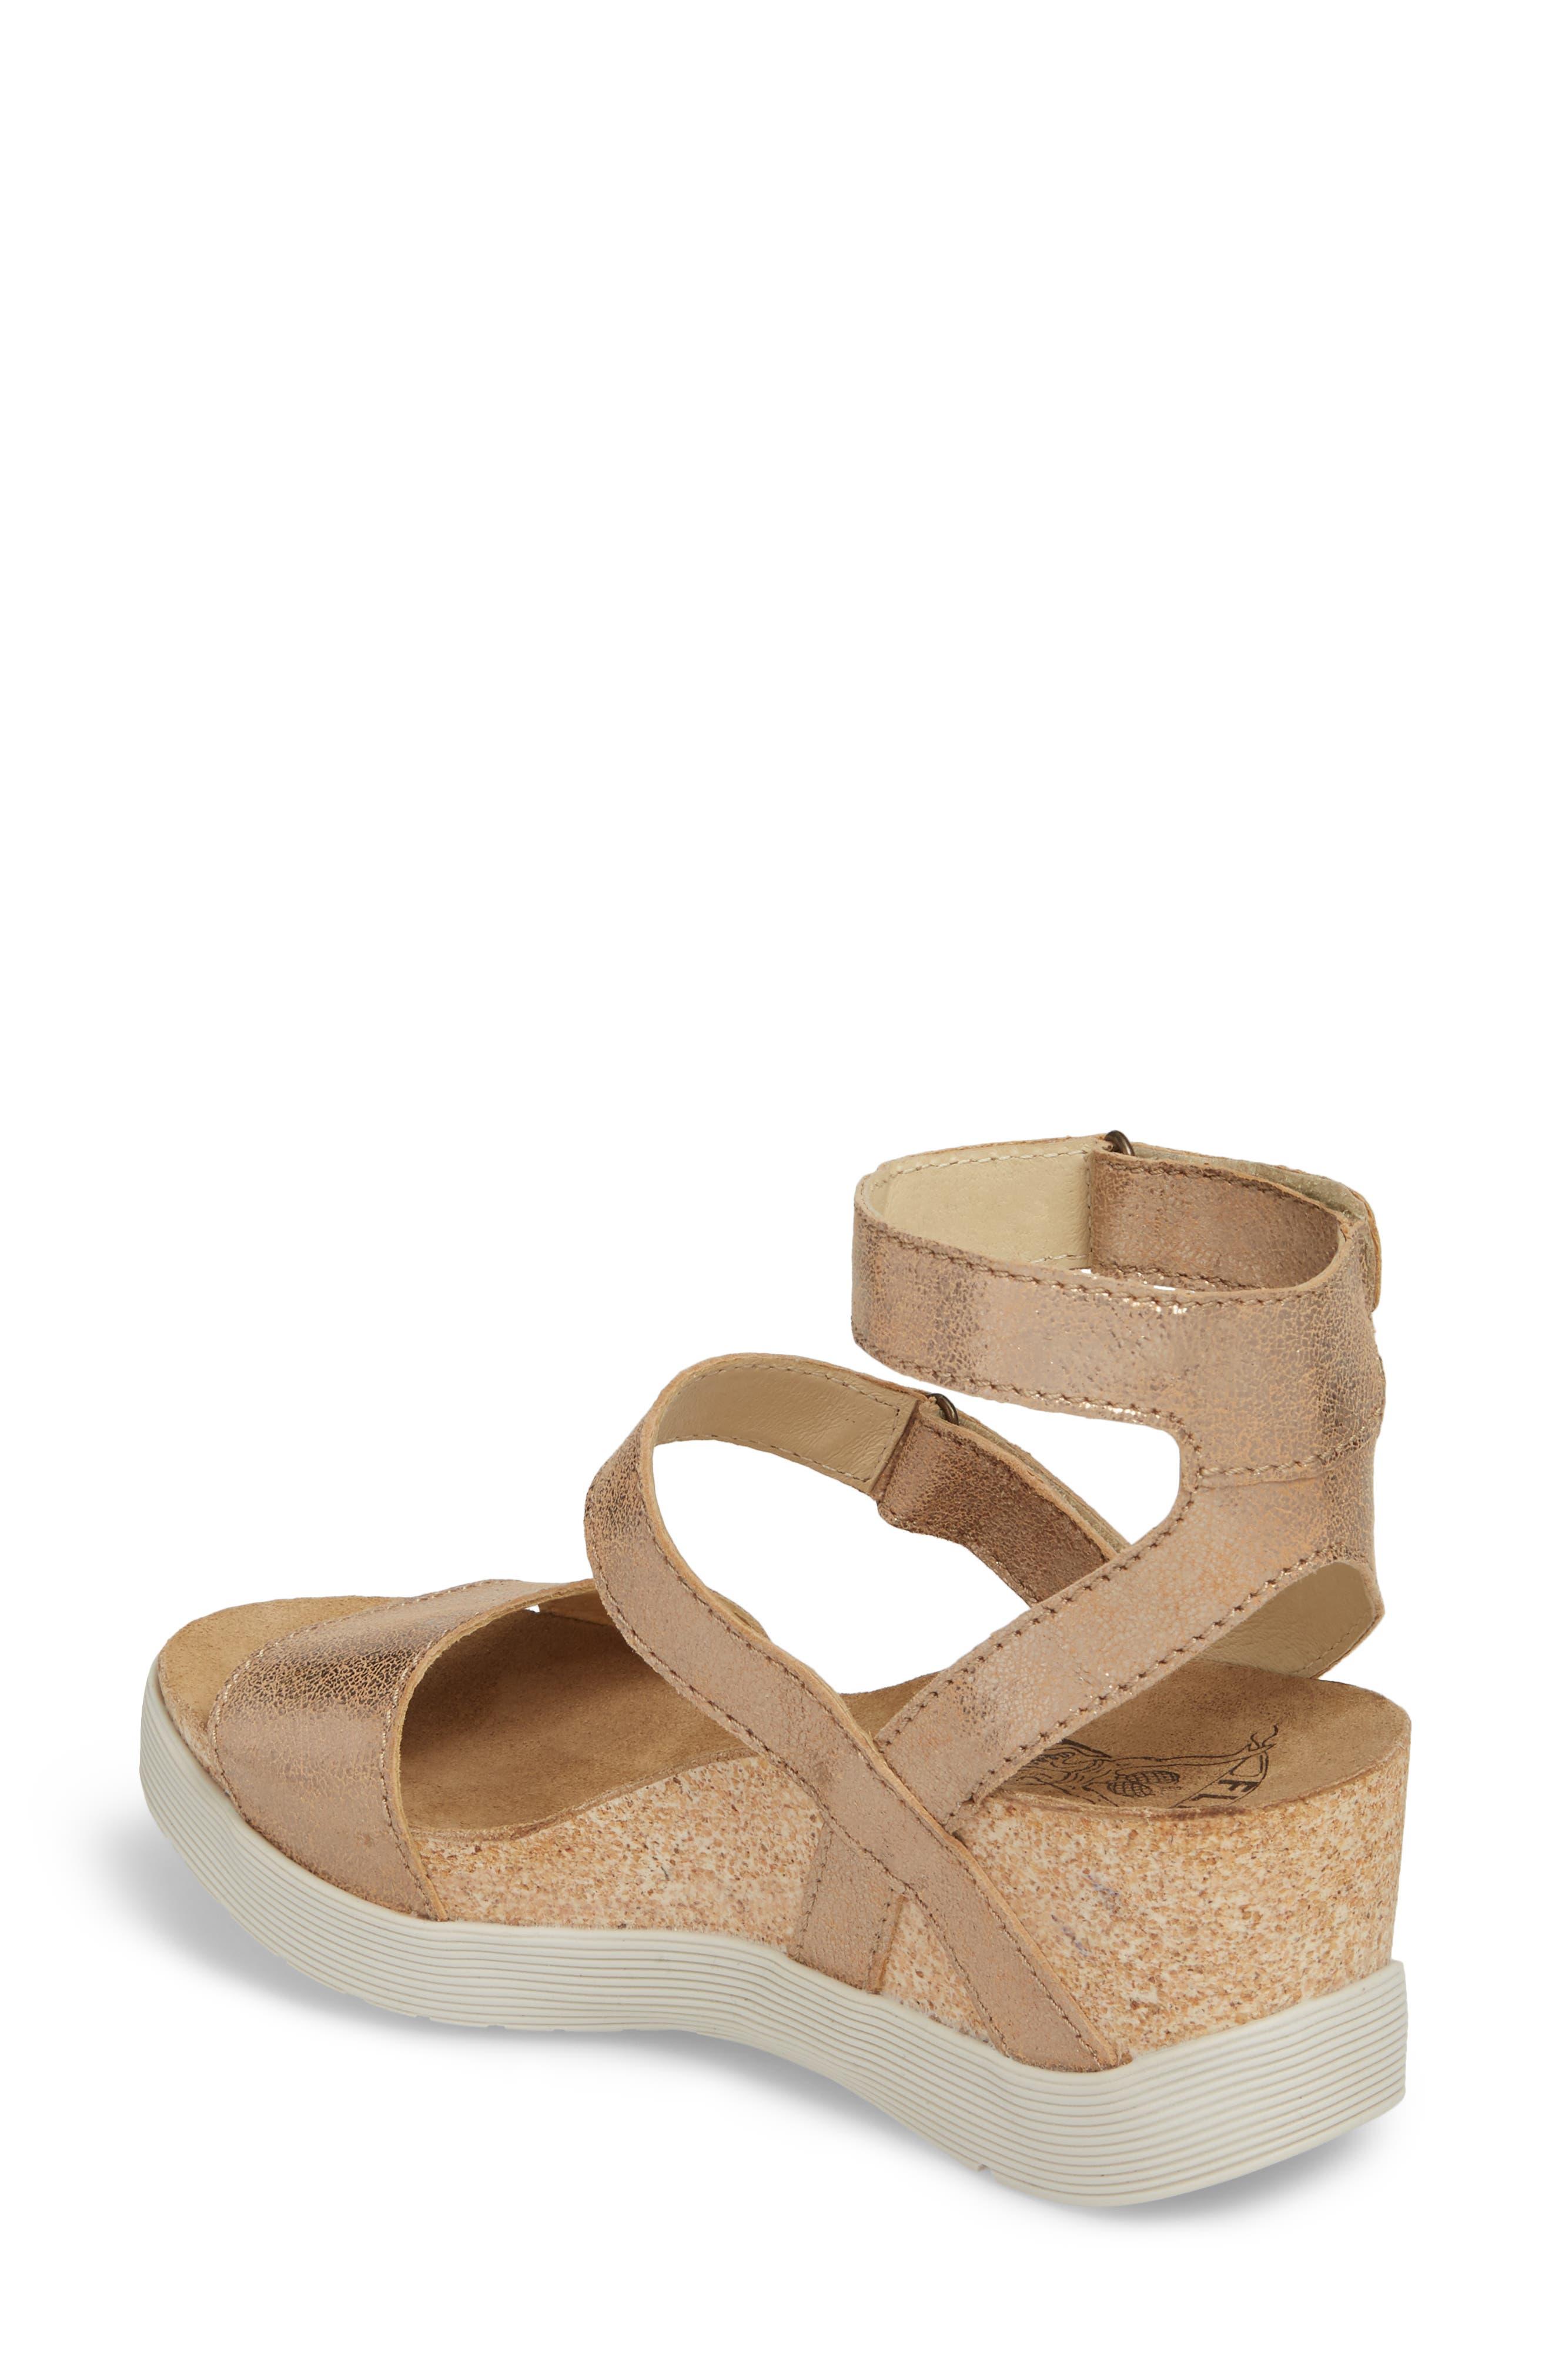 Wink Platform Sandal,                             Alternate thumbnail 2, color,                             LUNA COOL LEATHER